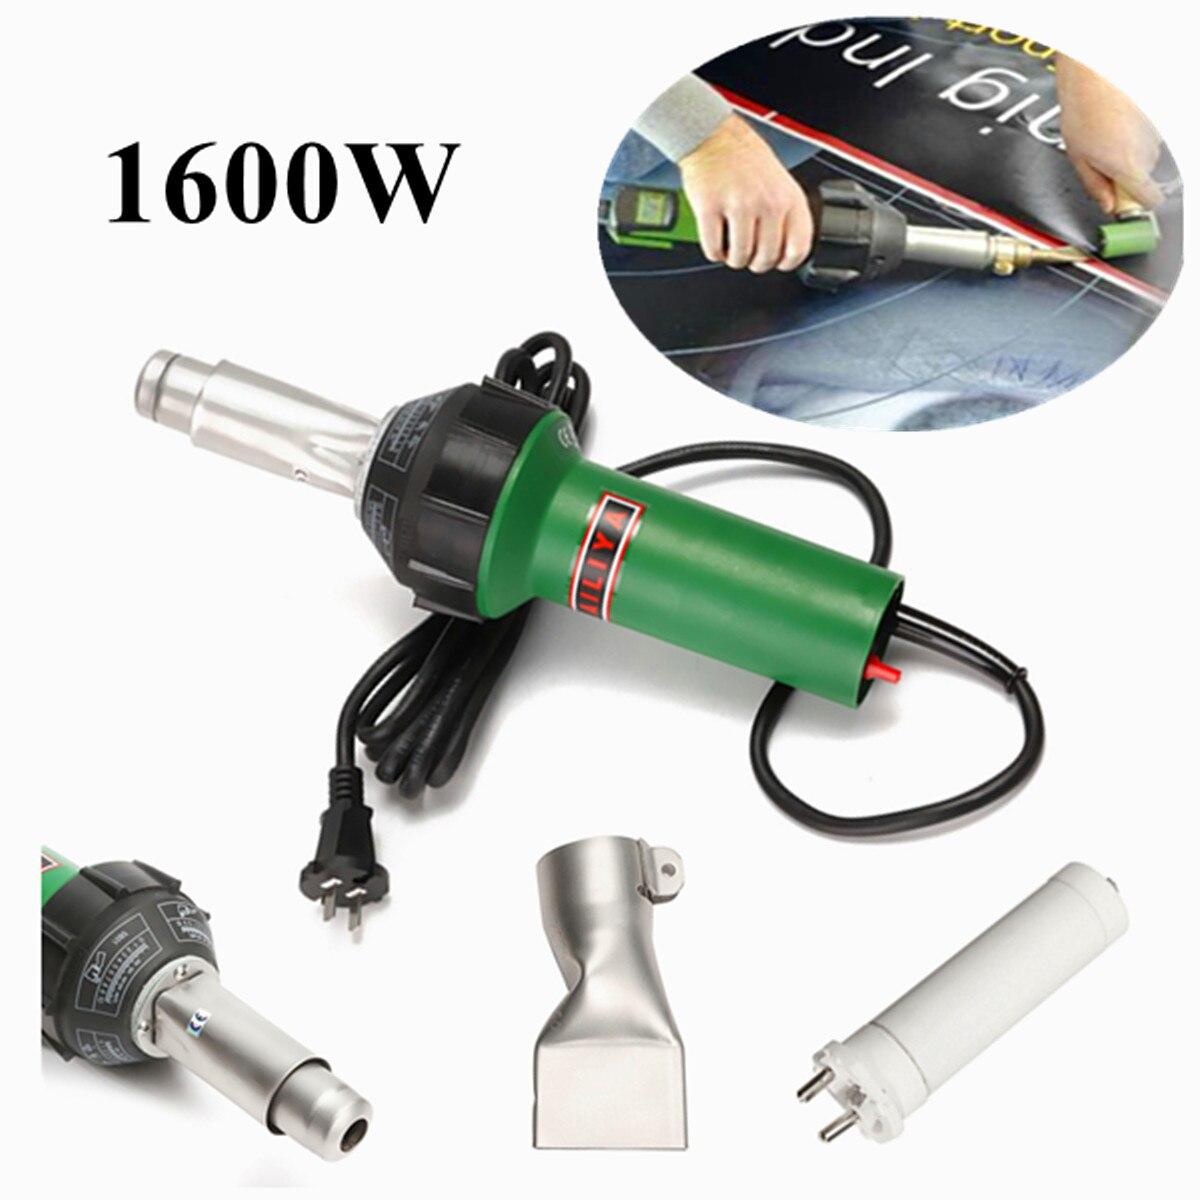 1600 W AC 220 V 50/60Hz Air Chaud Torche En Plastique De Soudage-Gun Pour Soudeur + Plat nez En Gros Prix de Haute Qualité